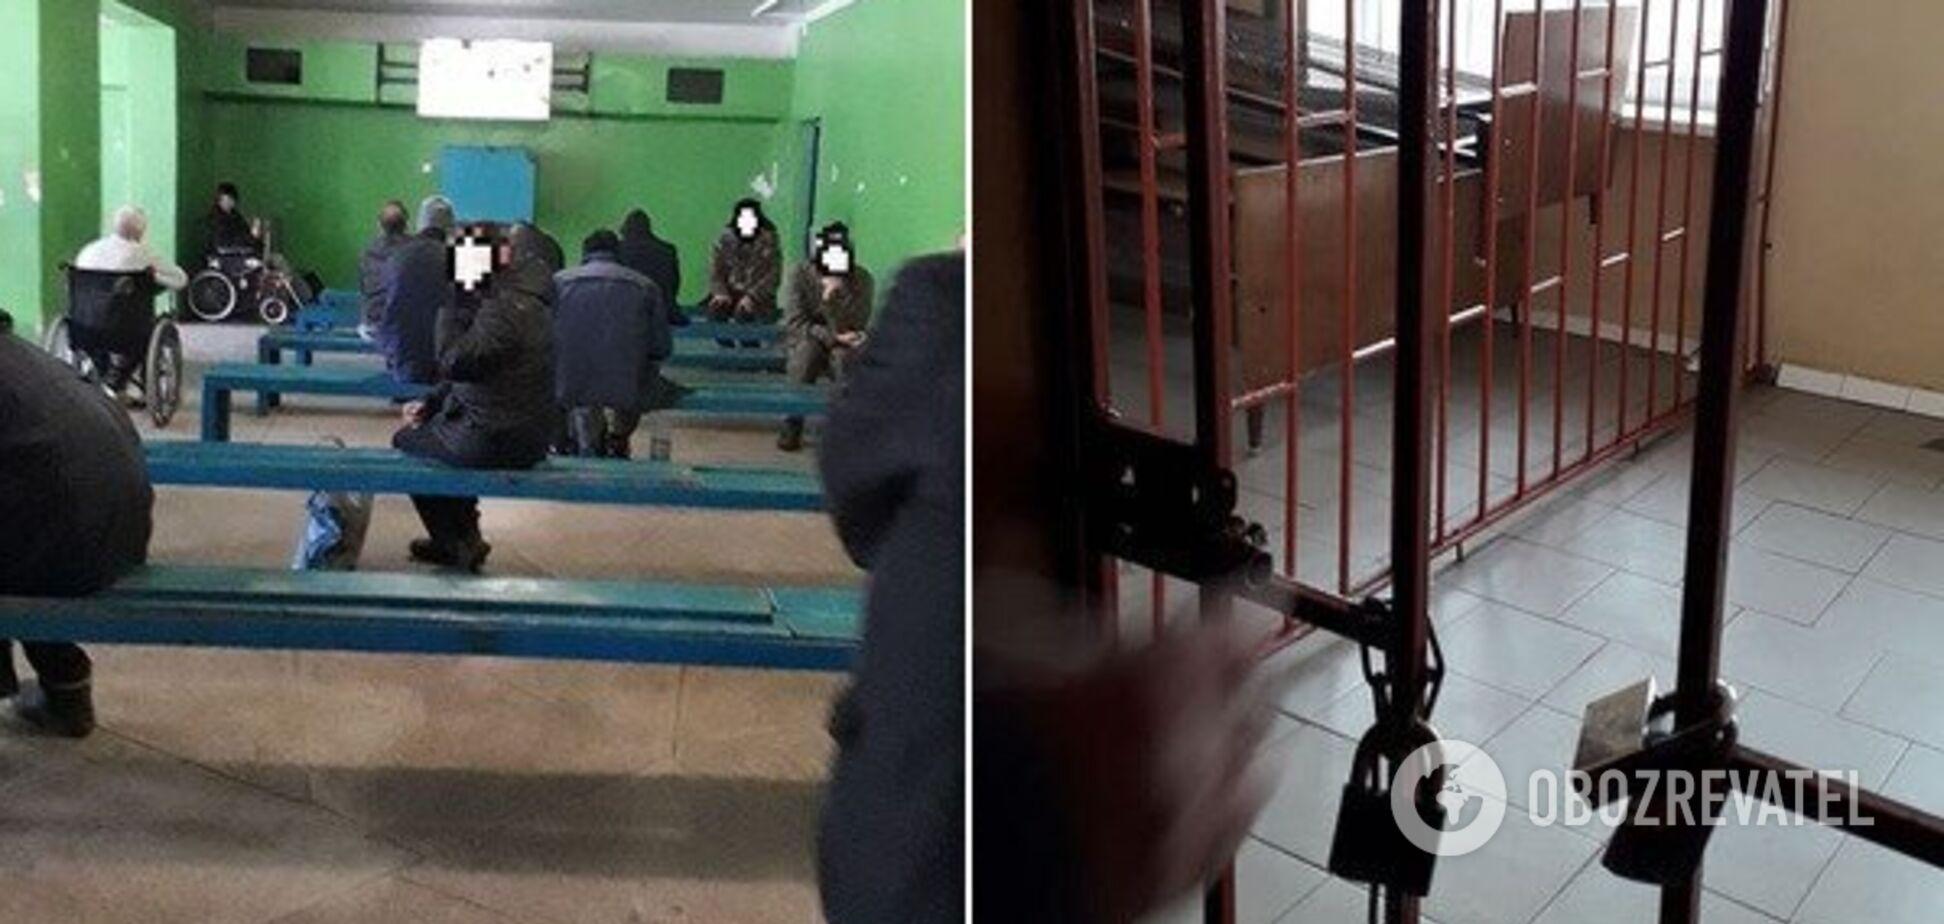 Заставляли заниматься сексом и пытали: в интернате на Днепропетровщине издевались над больными